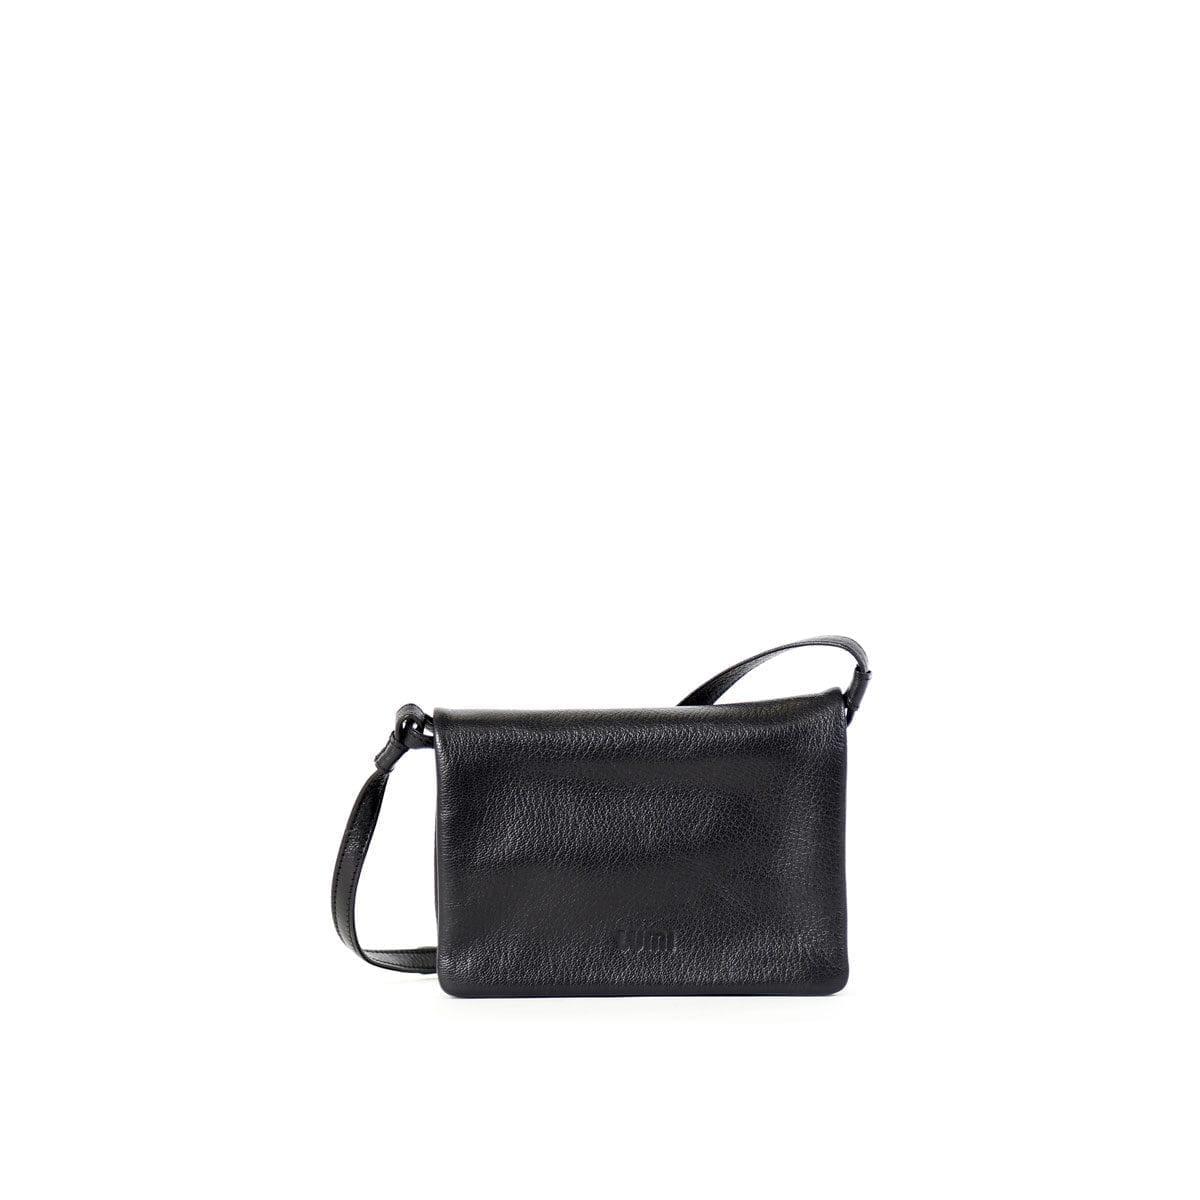 8bad576159 Helmi Wallet Bag Black – Lumi Accessories